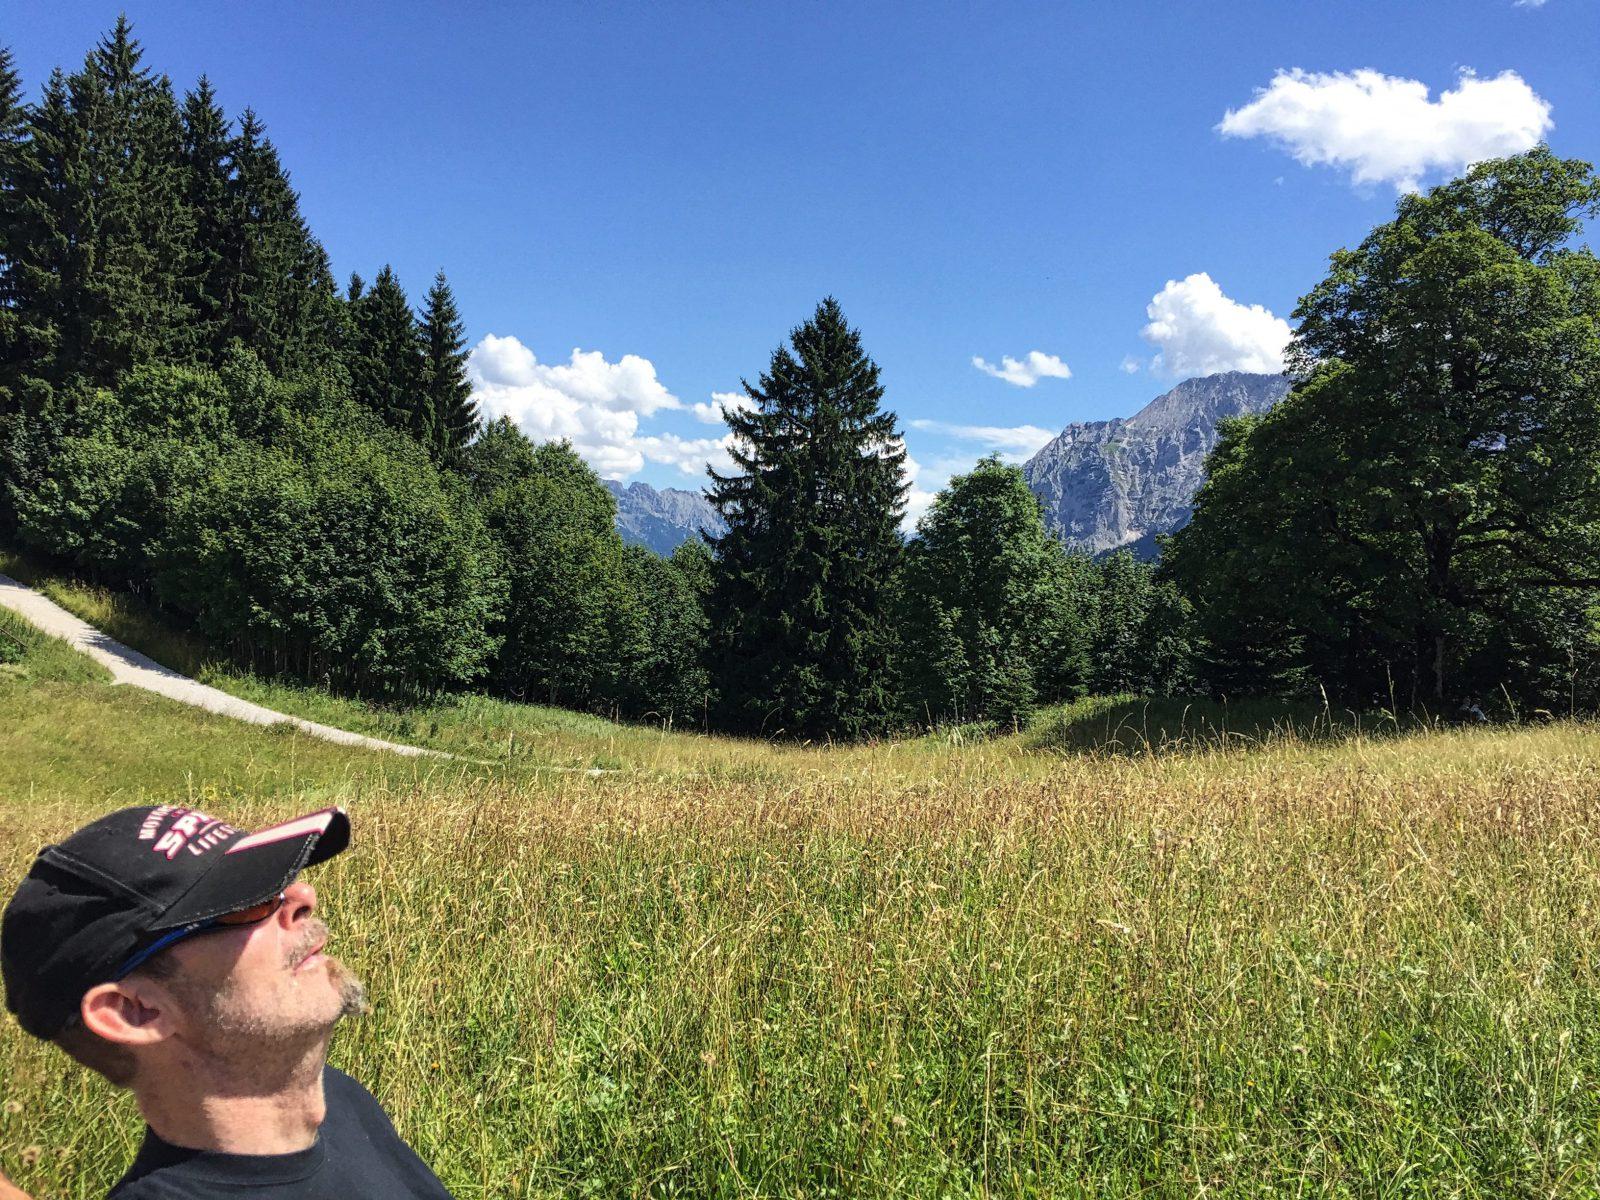 Nach der Gondelfahrt aus der Hölle oben angekommen: Stefan selig in den Bergen um Garmisch.